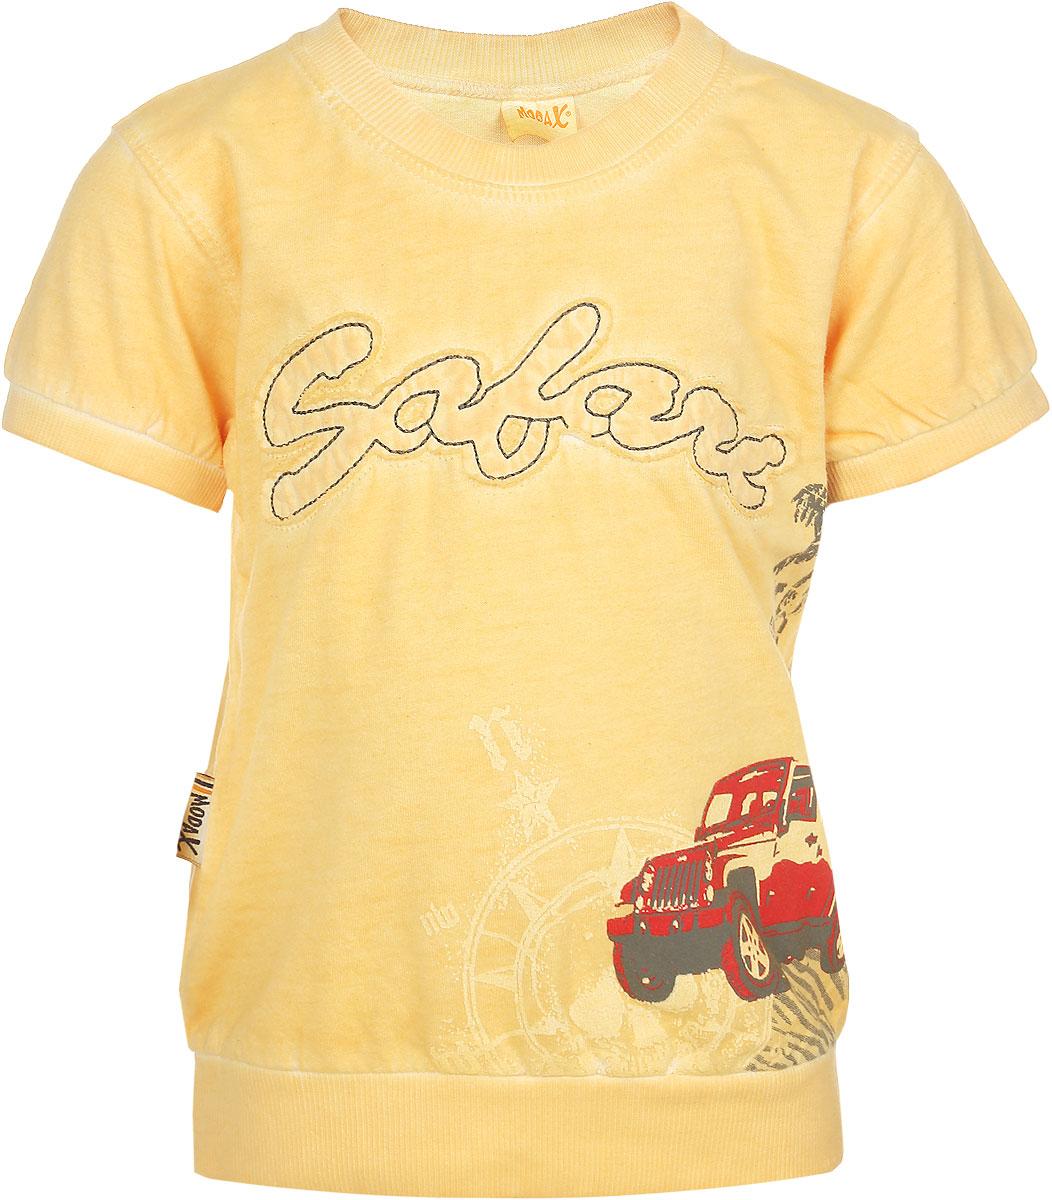 Футболка для мальчика Modax, цвет: желтый. 3055-2. Размер 923055-2Яркая футболка для мальчика Modax станет стильным дополнением к гардеробу маленького модника. Изготовленная из натурального хлопка, она необычайно мягкая, тактильно приятная, не сковывает движения ребенка и позволяет коже дышать, обеспечивая комфорт. Футболка с короткими рукавами имеет круглый вырез горловины, оформленный трикотажной резинкой. Края рукавов и низ изделия также дополнены трикотажными резинками. Модель украшена крупной нашивкой в виде надписи, а также принтом. Современный дизайн и расцветка делают эту футболку модным предметом детской одежды. В ней ваш ребенок будет чувствовать себя уютно, комфортно и всегда будет в центре внимания!